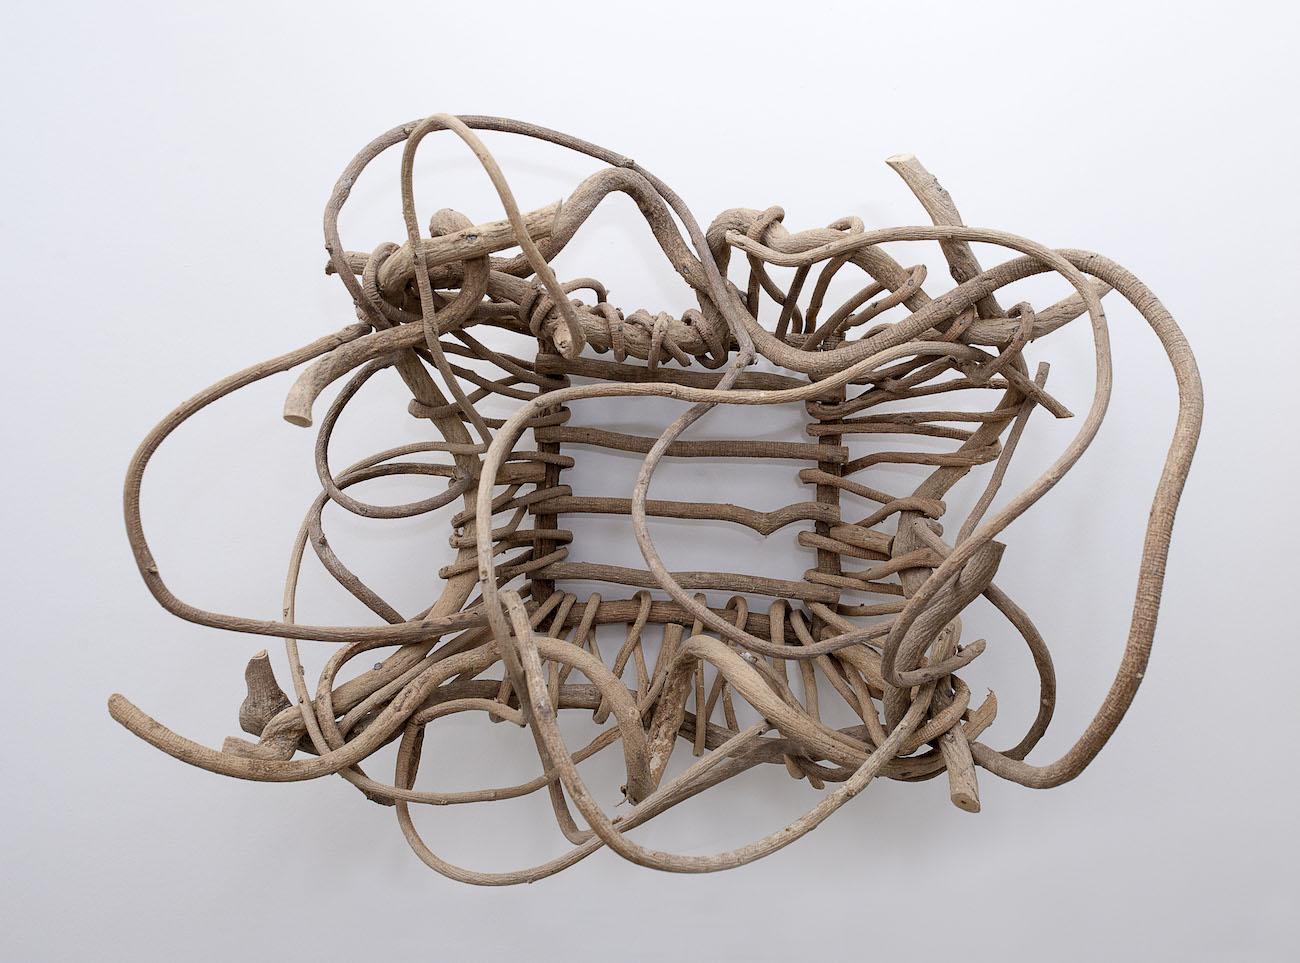 Kudzu basket (found) - Nell Gottlieb